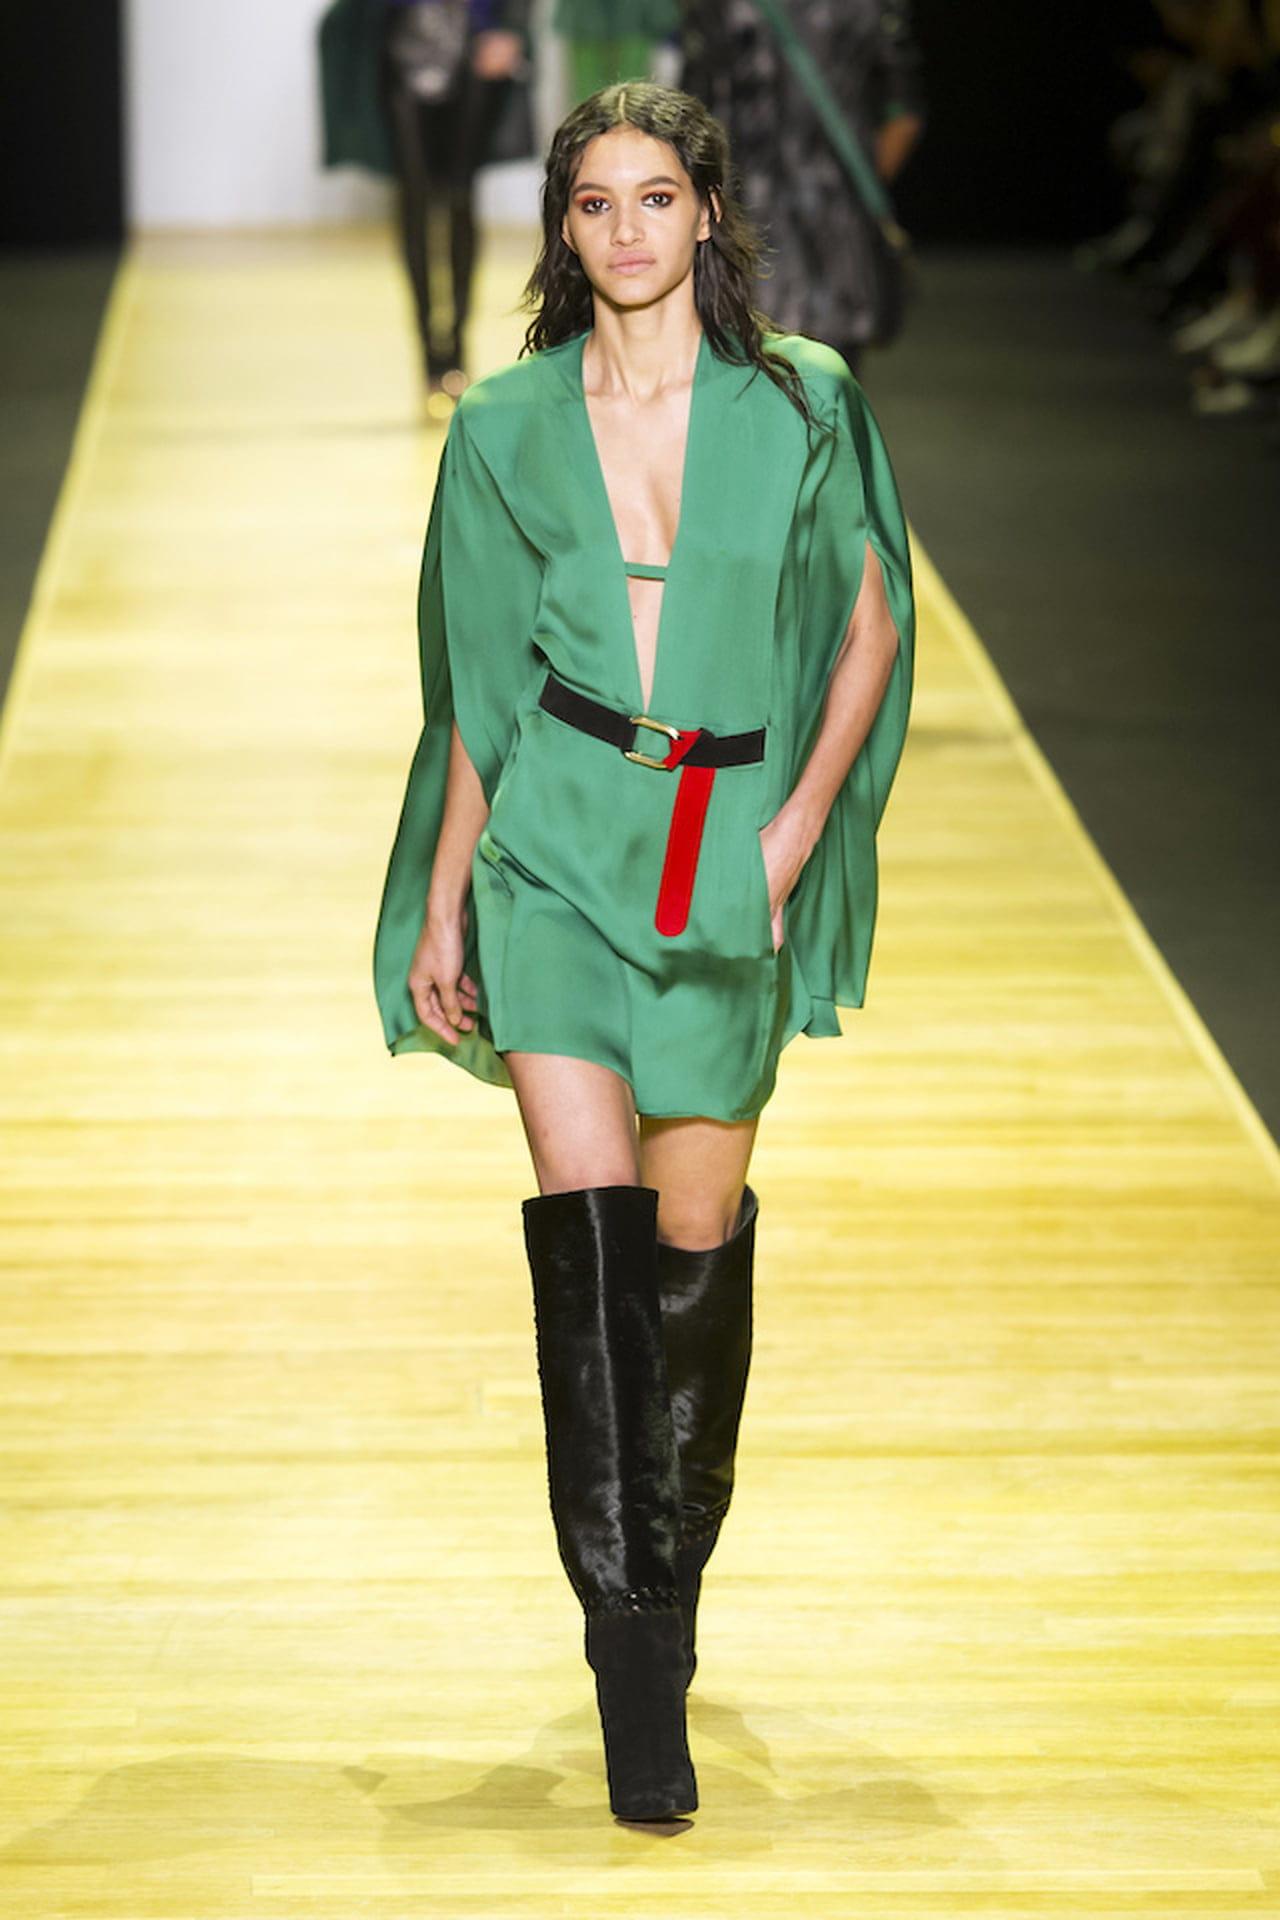 62d90229547f Il vestito a palloncino di Barbara Bui si declina sul verde arricchendosi  della mantellina applicata. © Imaxtree